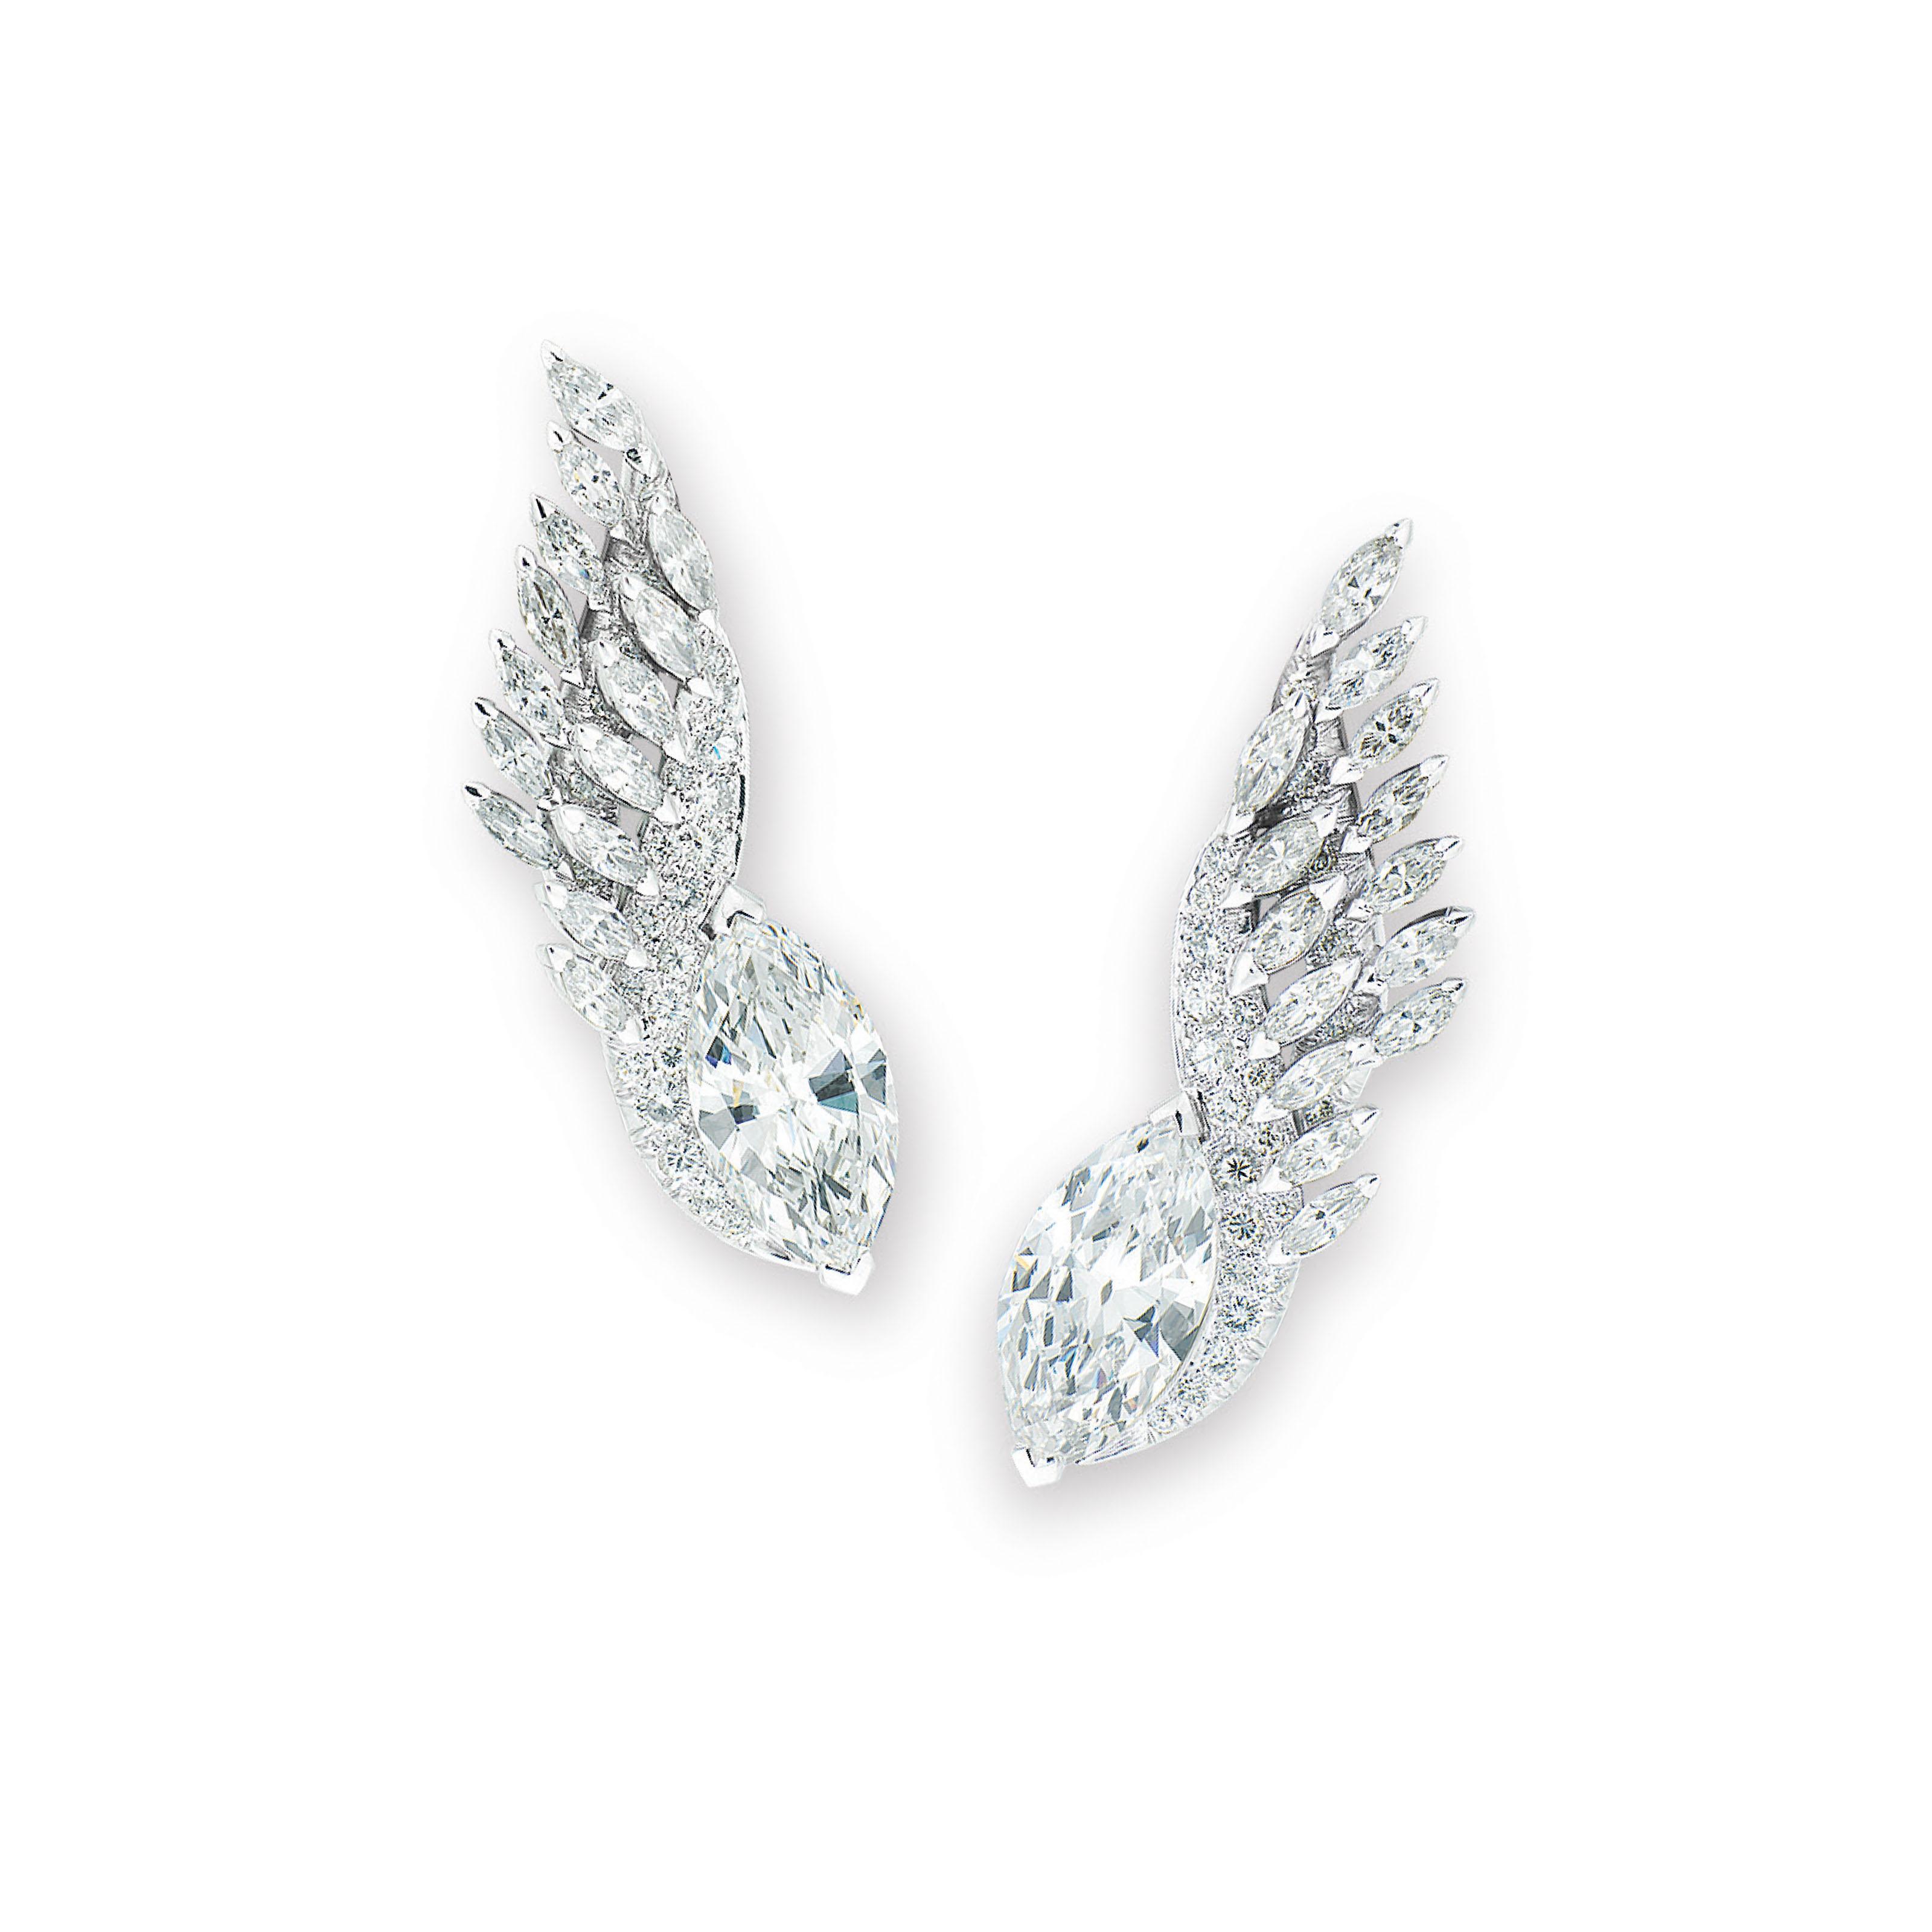 DIAMOND EARRINGS, SCHLUMBERGER